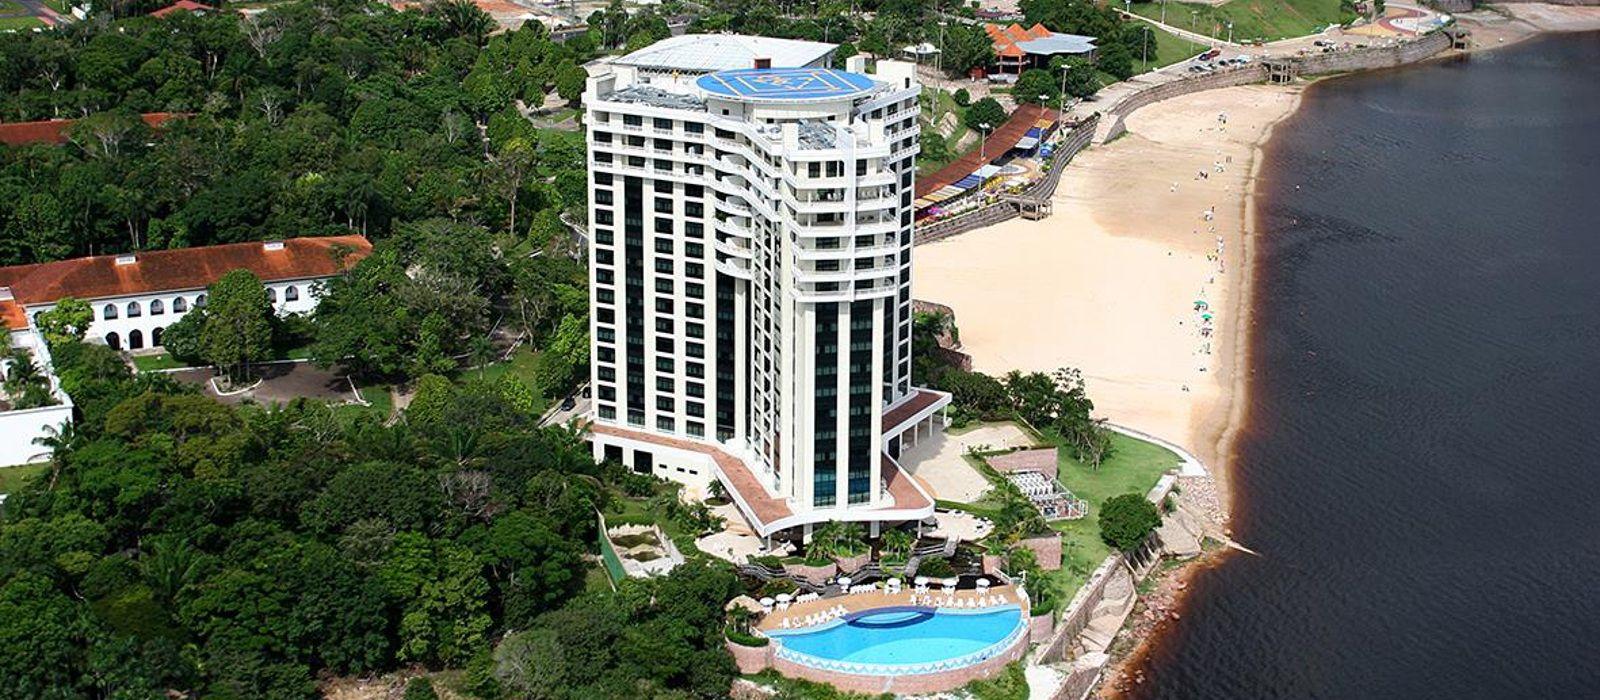 Hotel Wyndham Garden Manaus Brasilien